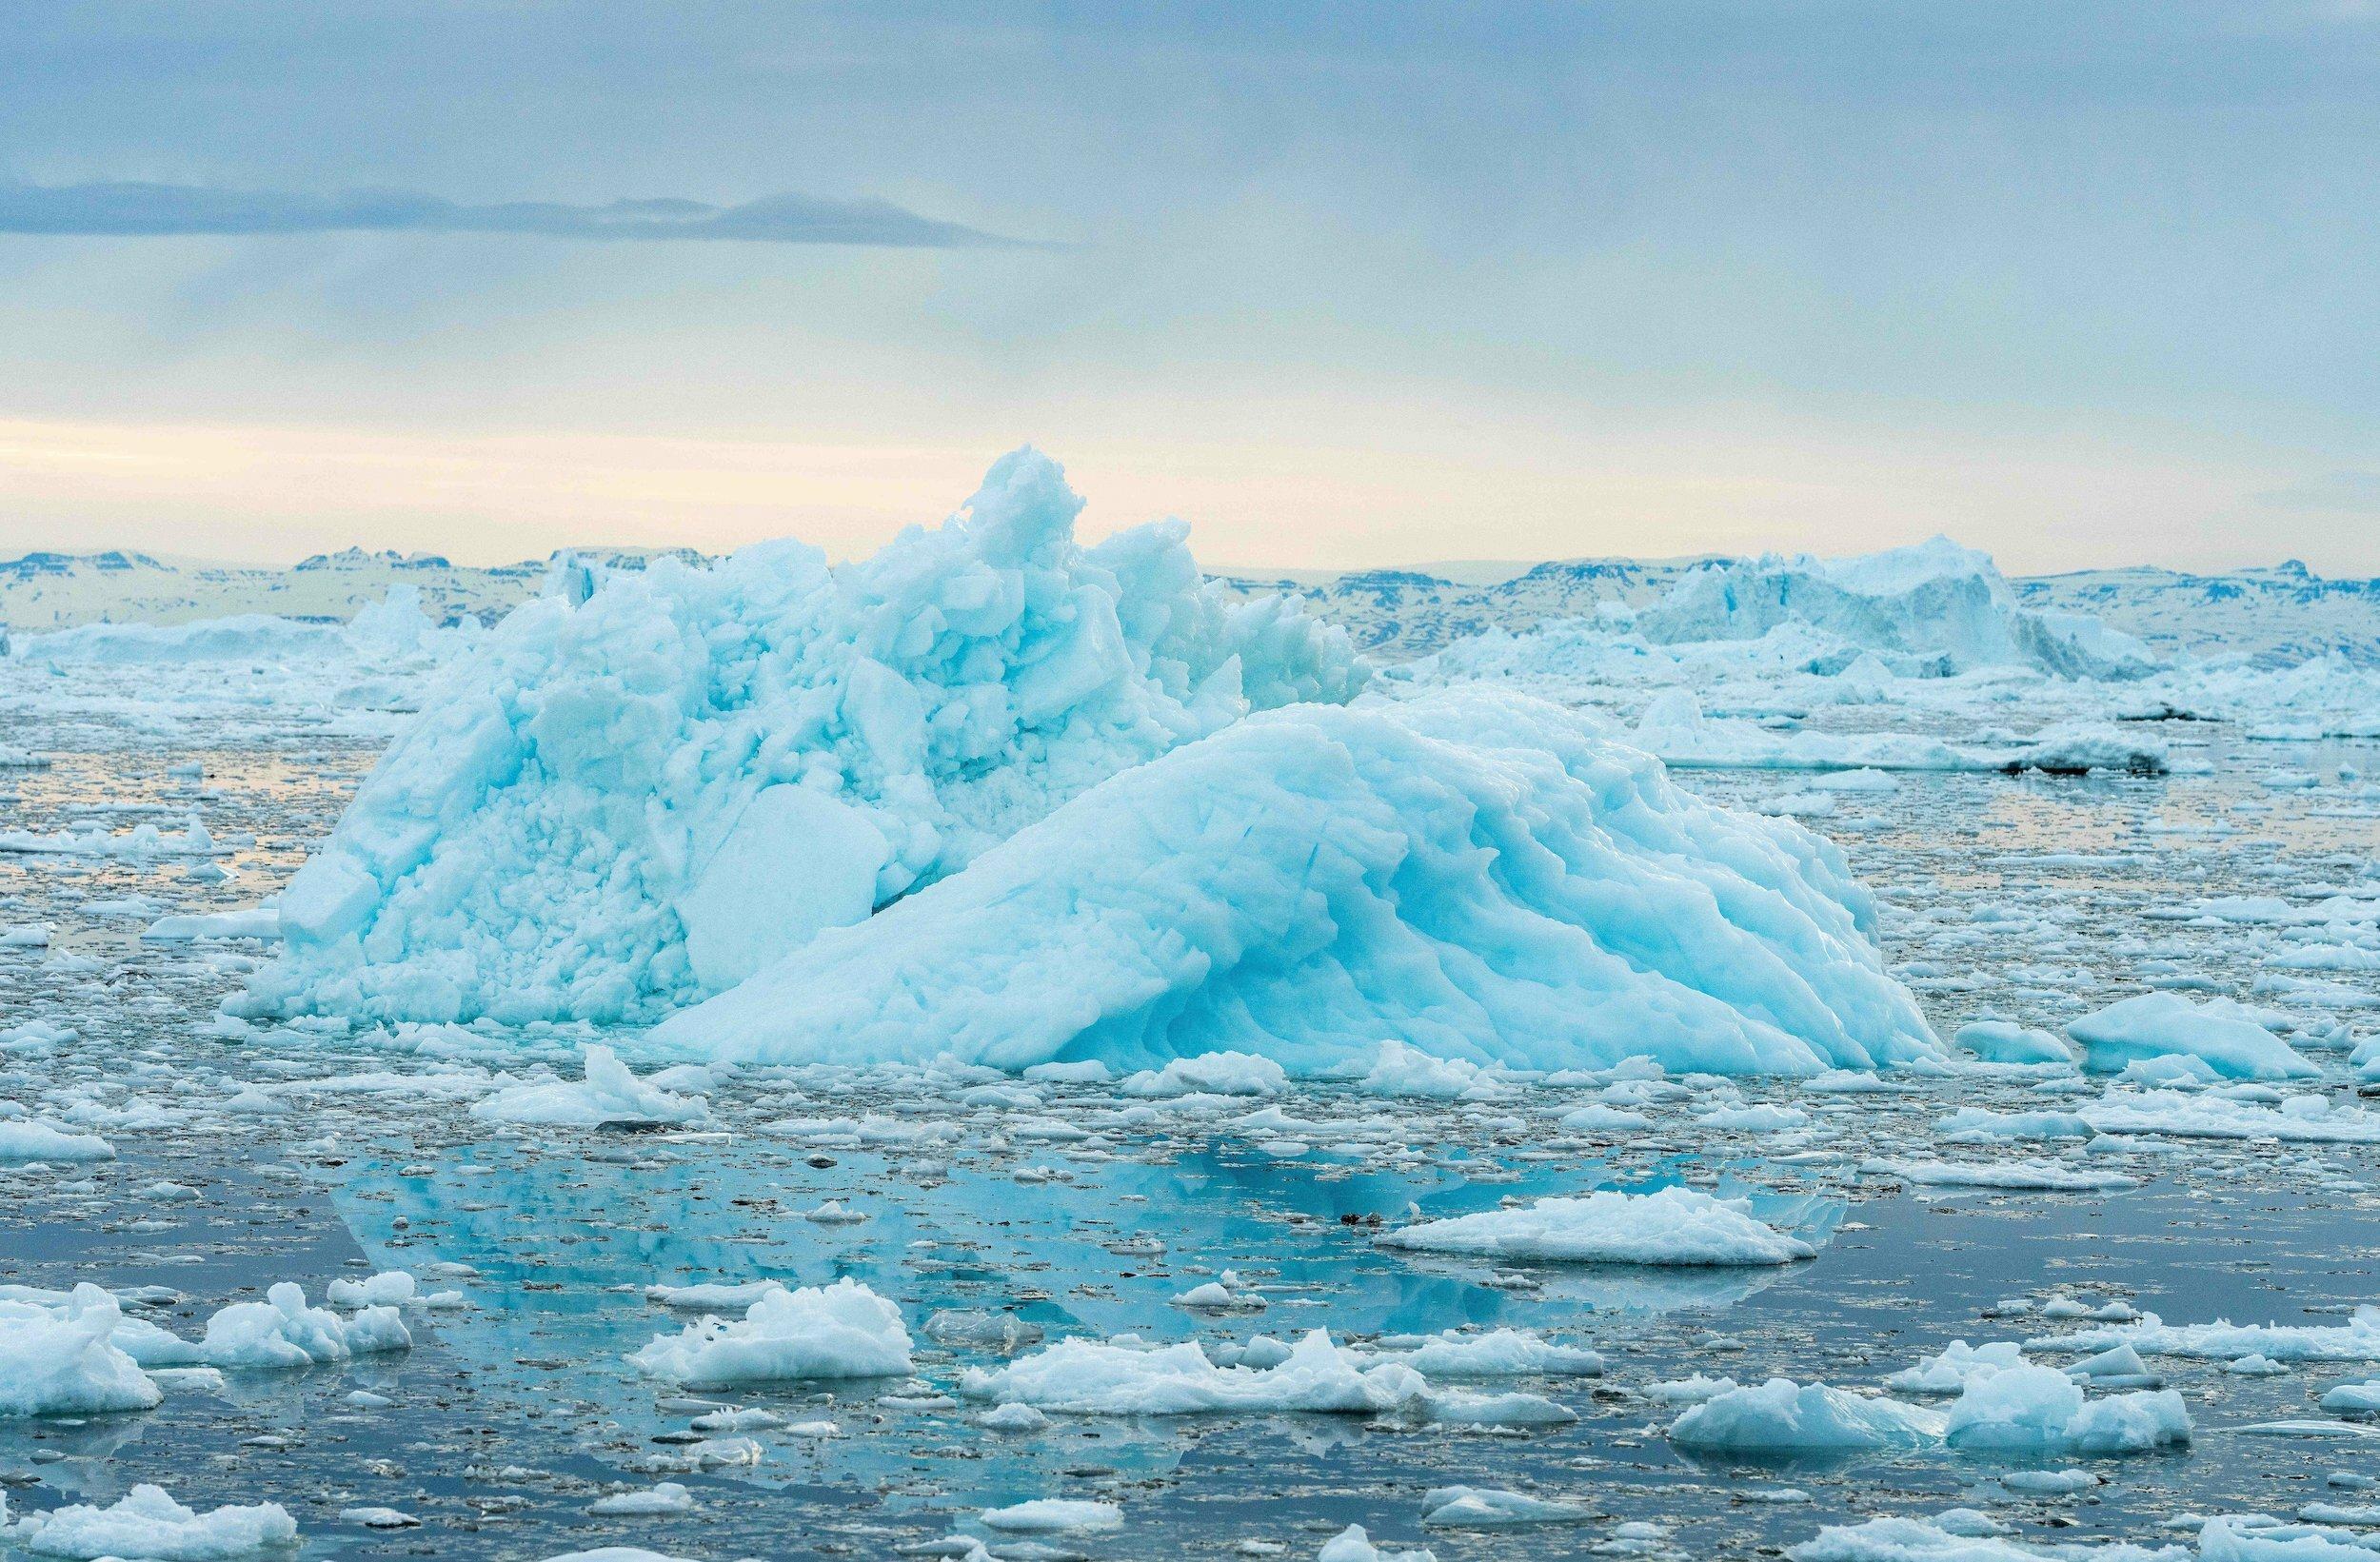 Eislandschaft im Meer